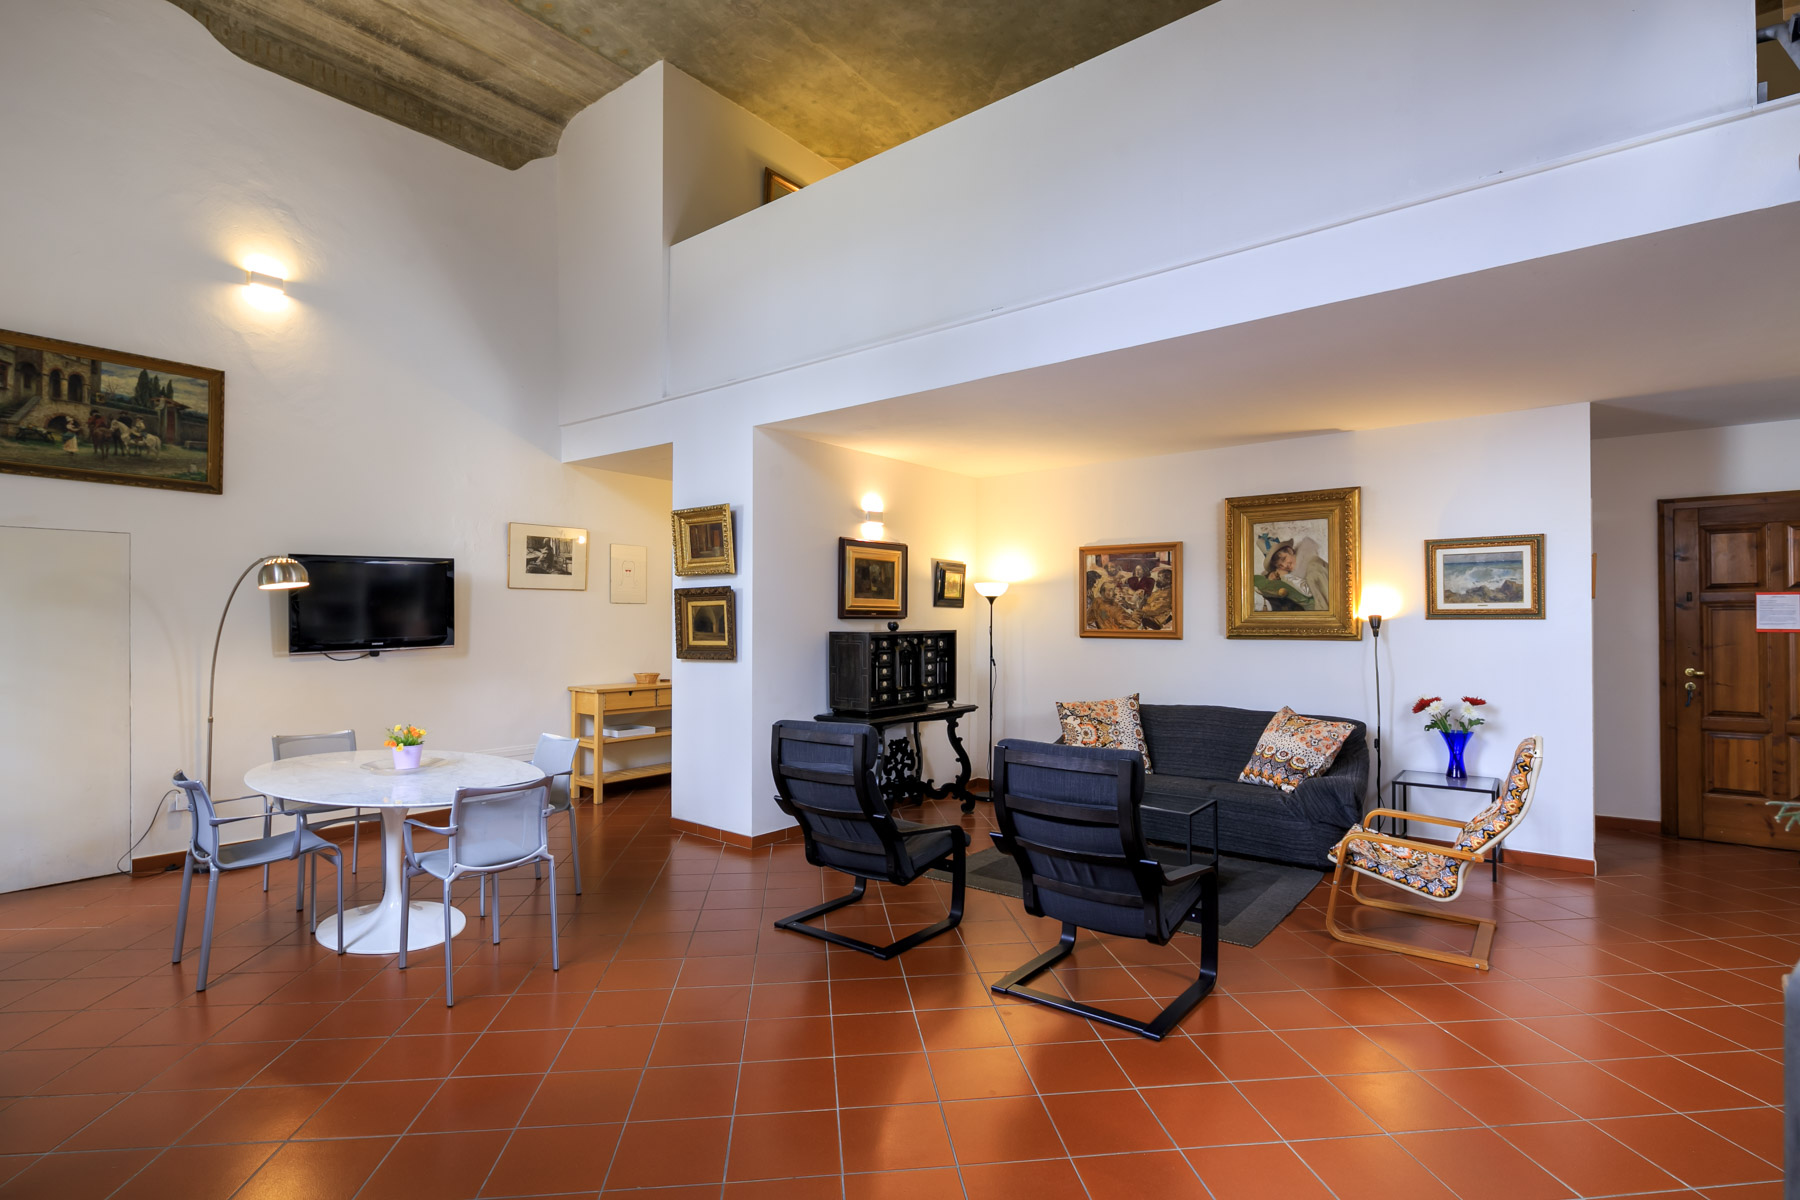 Appartamento in Vendita a Firenze: 4 locali, 149 mq - Foto 5